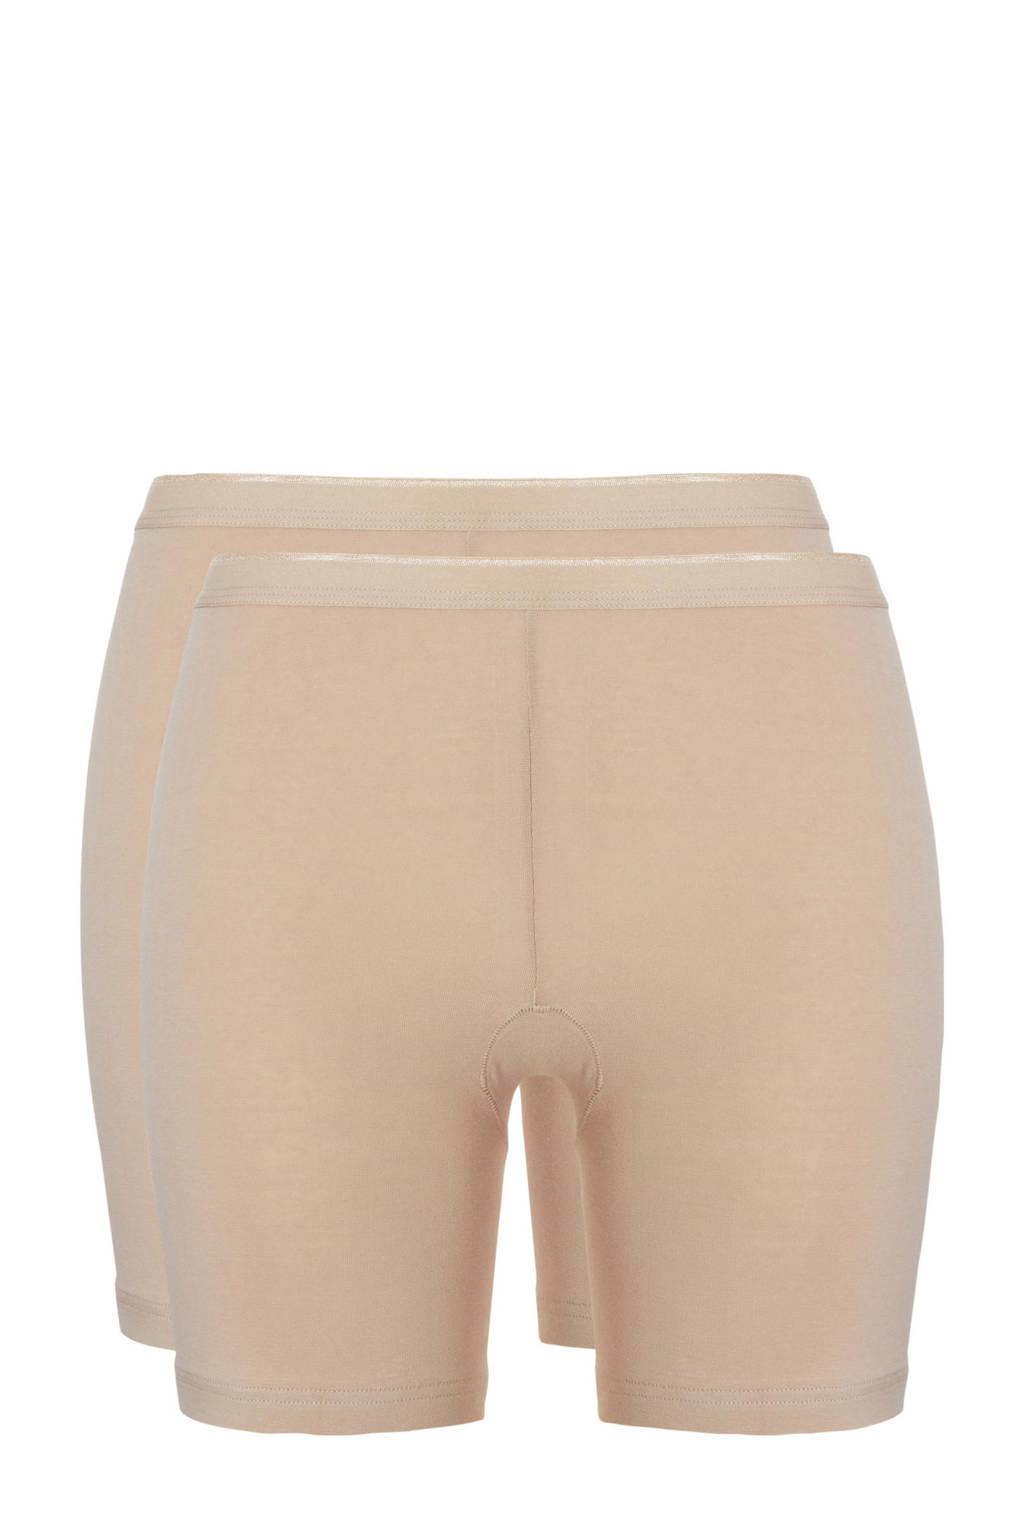 ten Cate Basic short (set van 2) beige, Beige